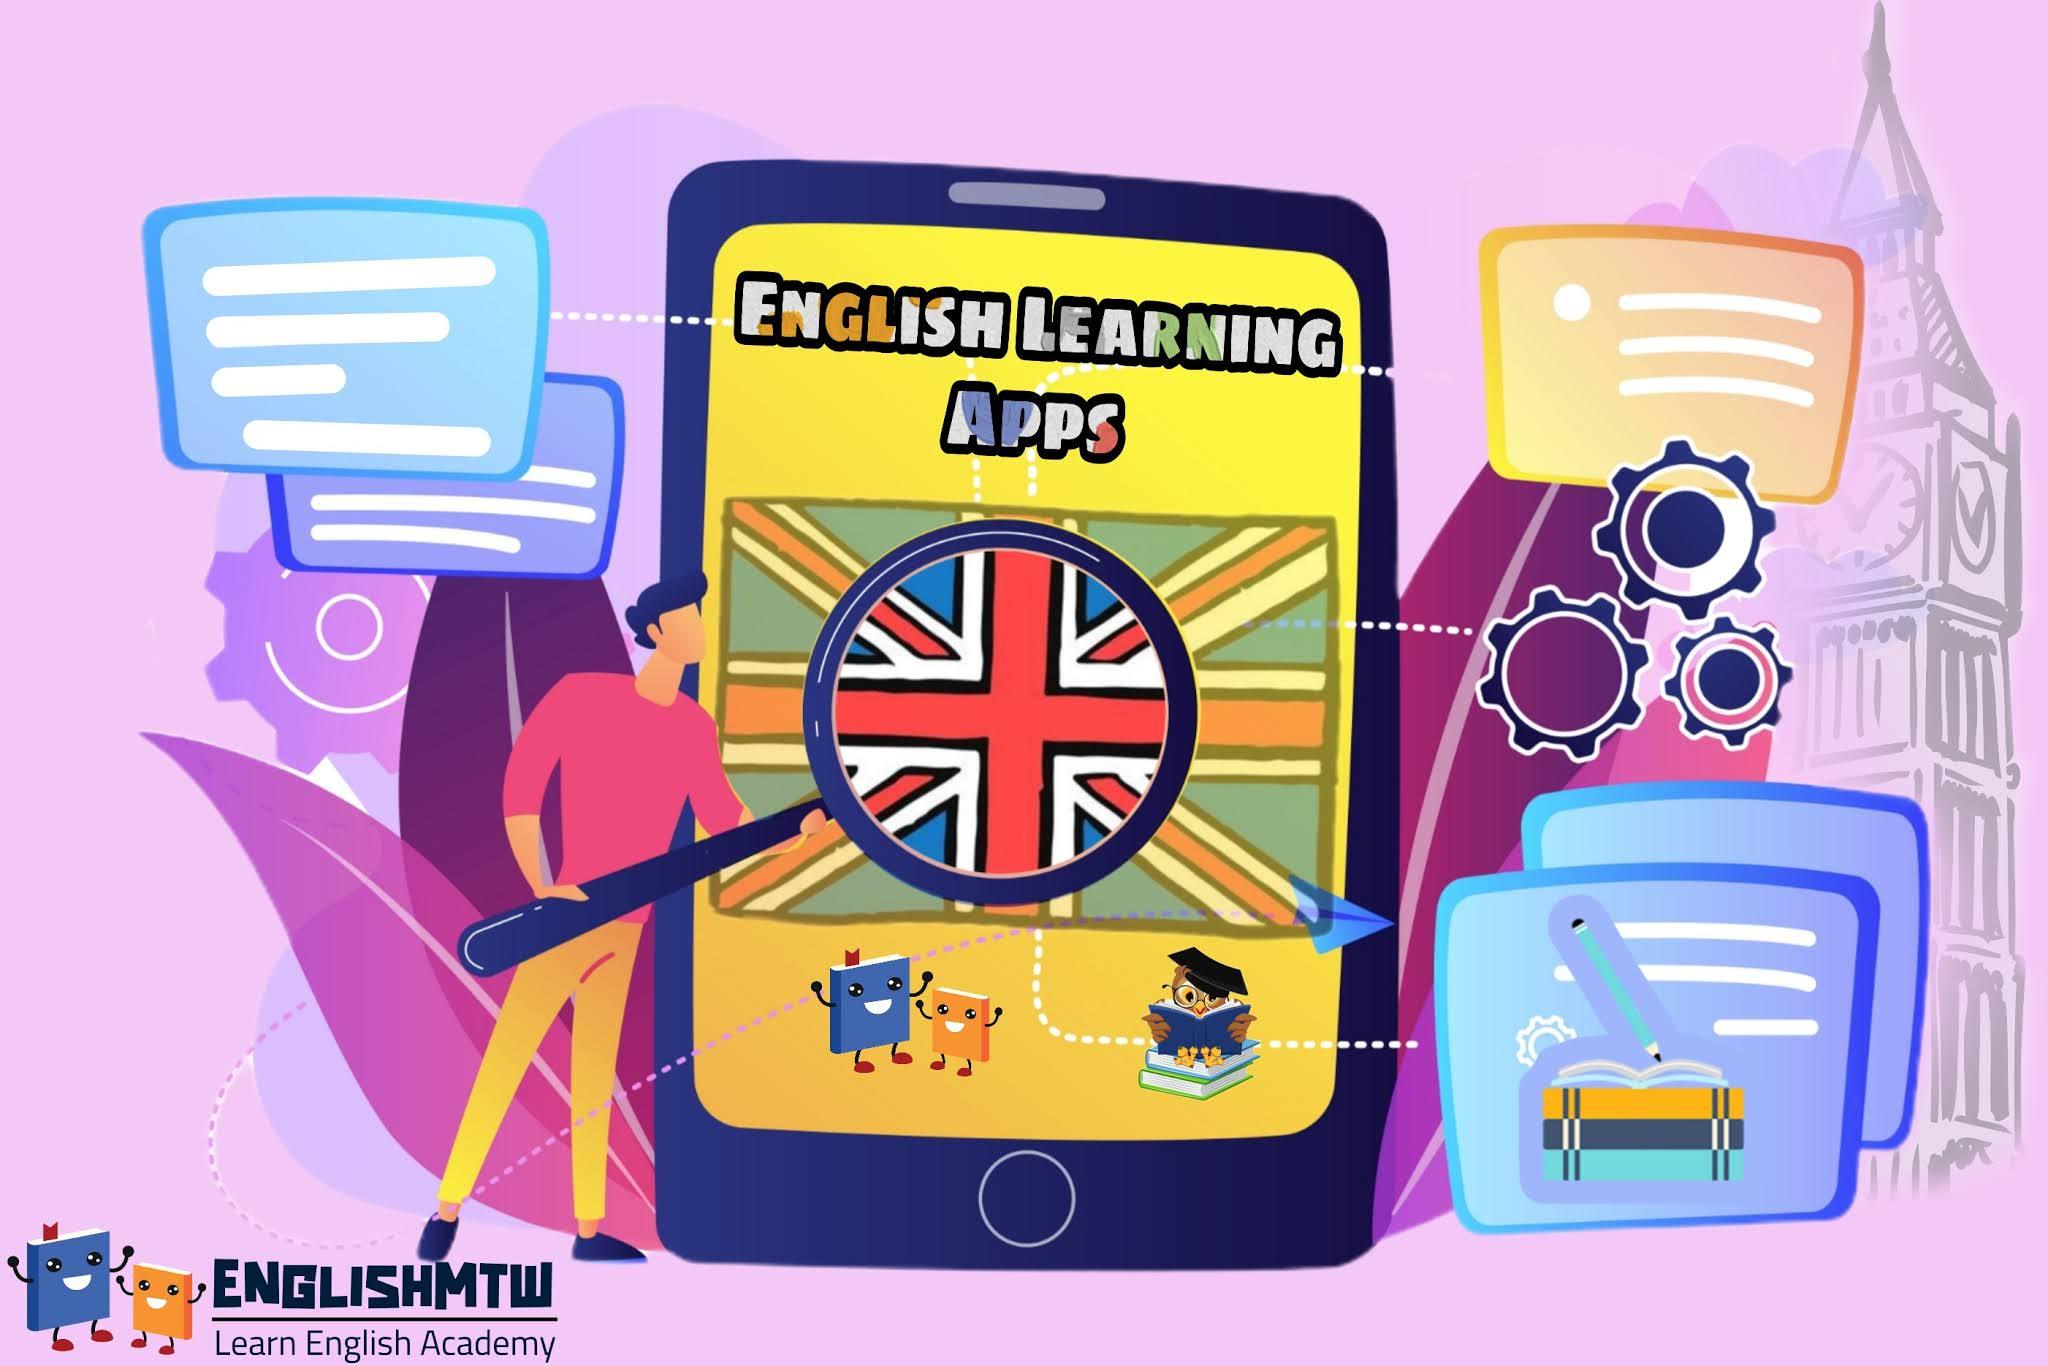 تطبيقات مجانية لتعلم و ممارسة اللغة الإنجليزية باحترافية